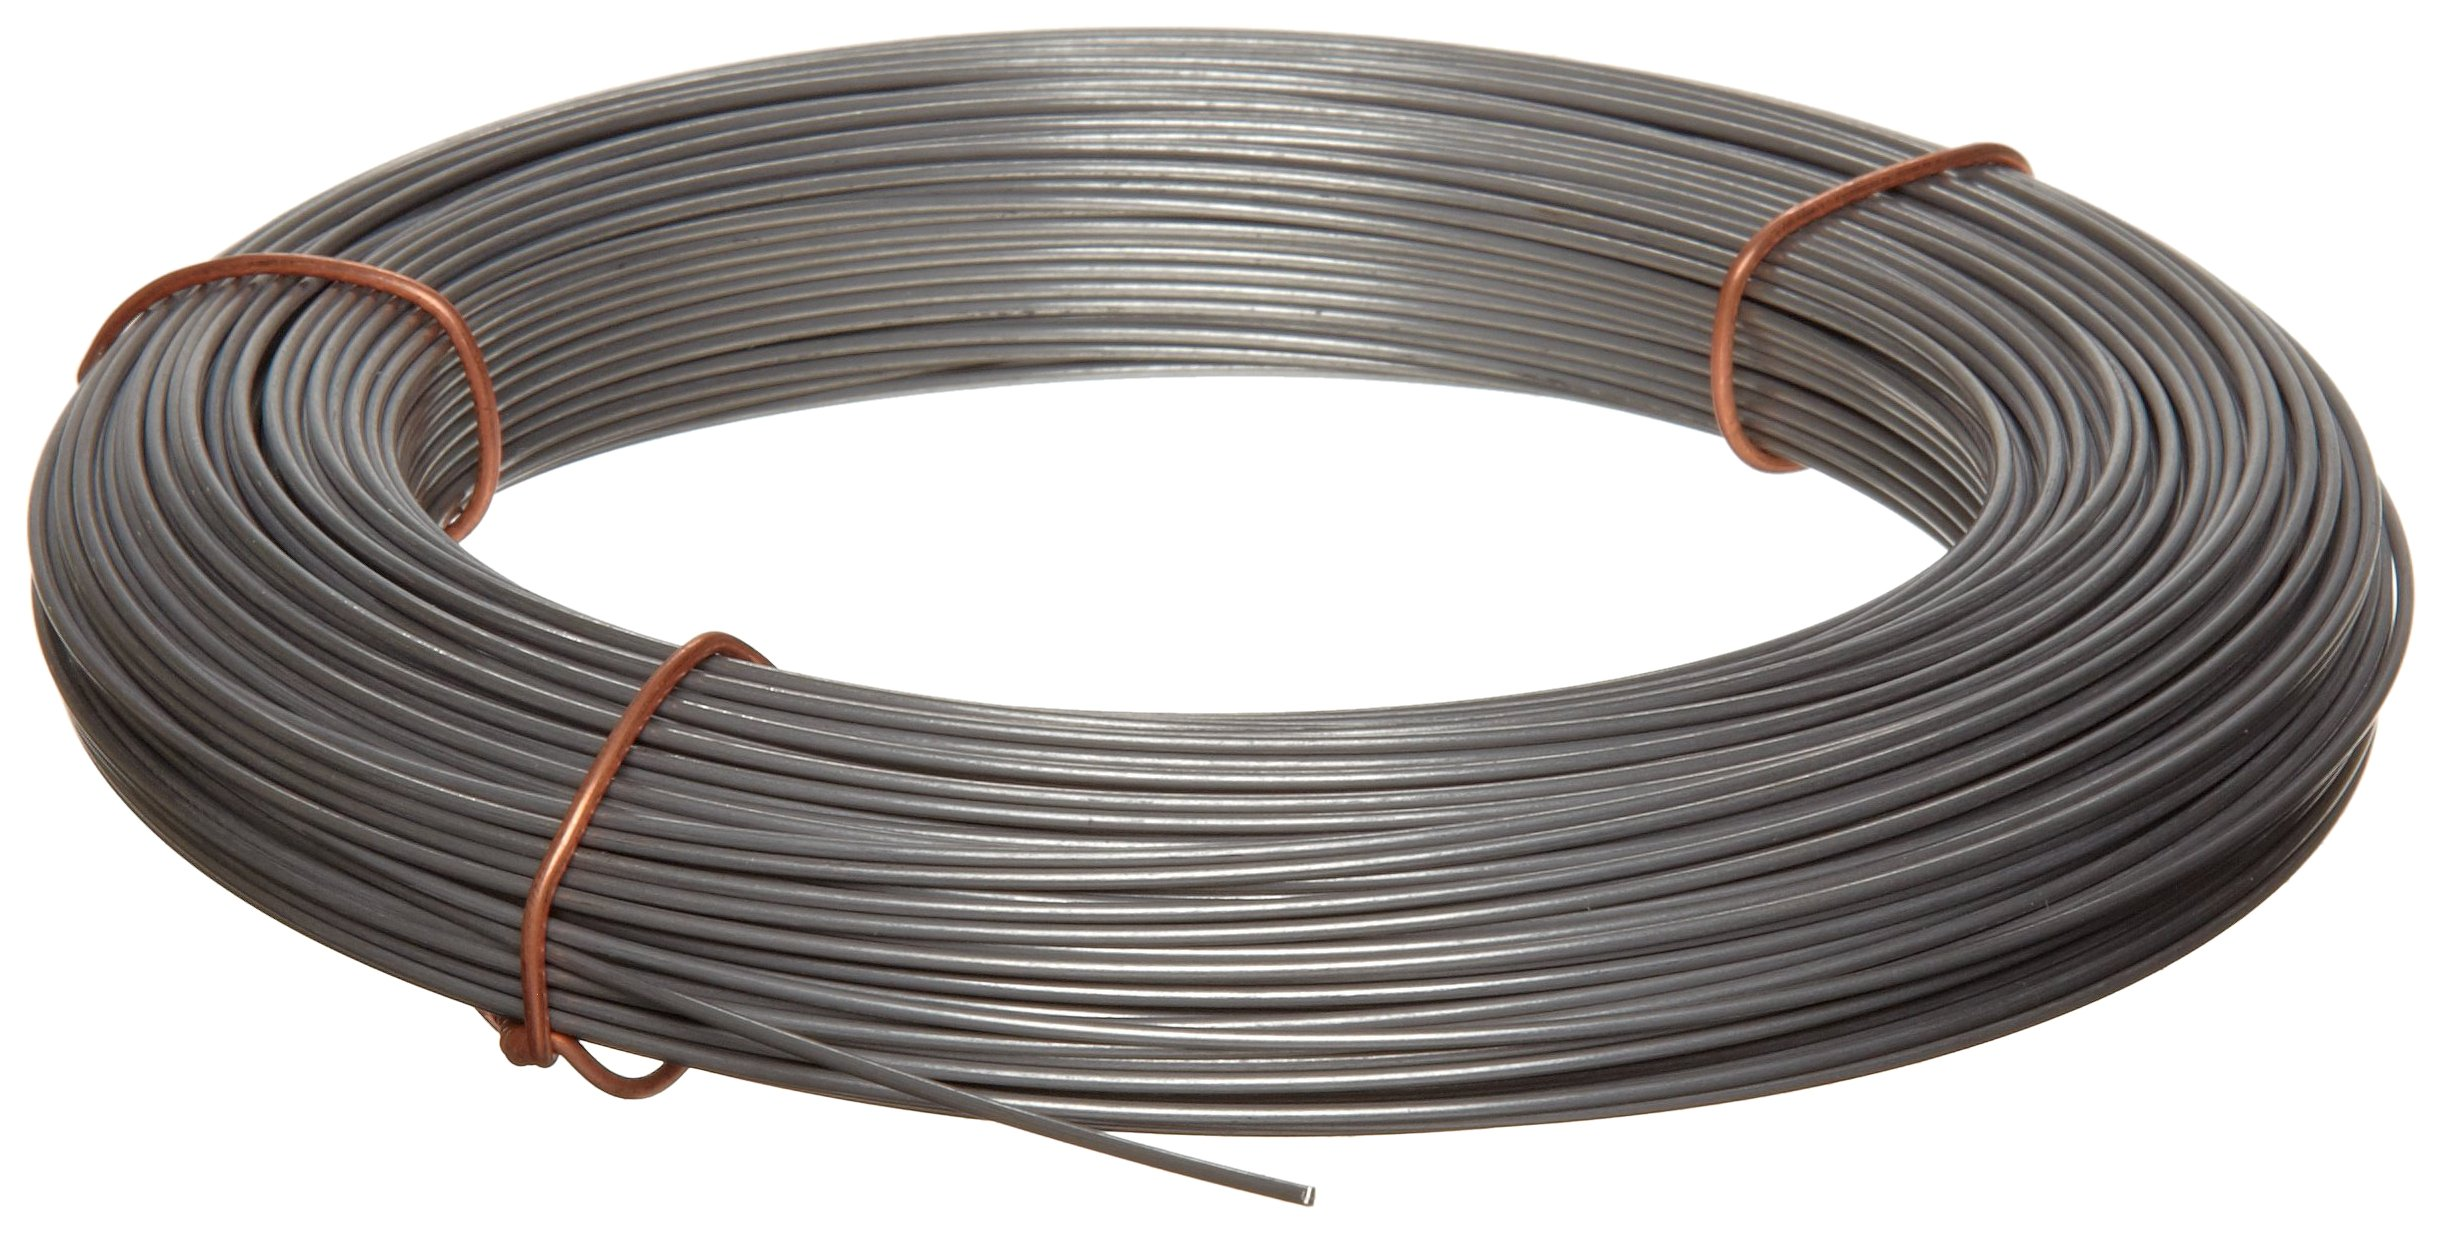 304(1.4301)不锈钢丝代理商-有品质的304(1.4301)不锈钢丝上哪买